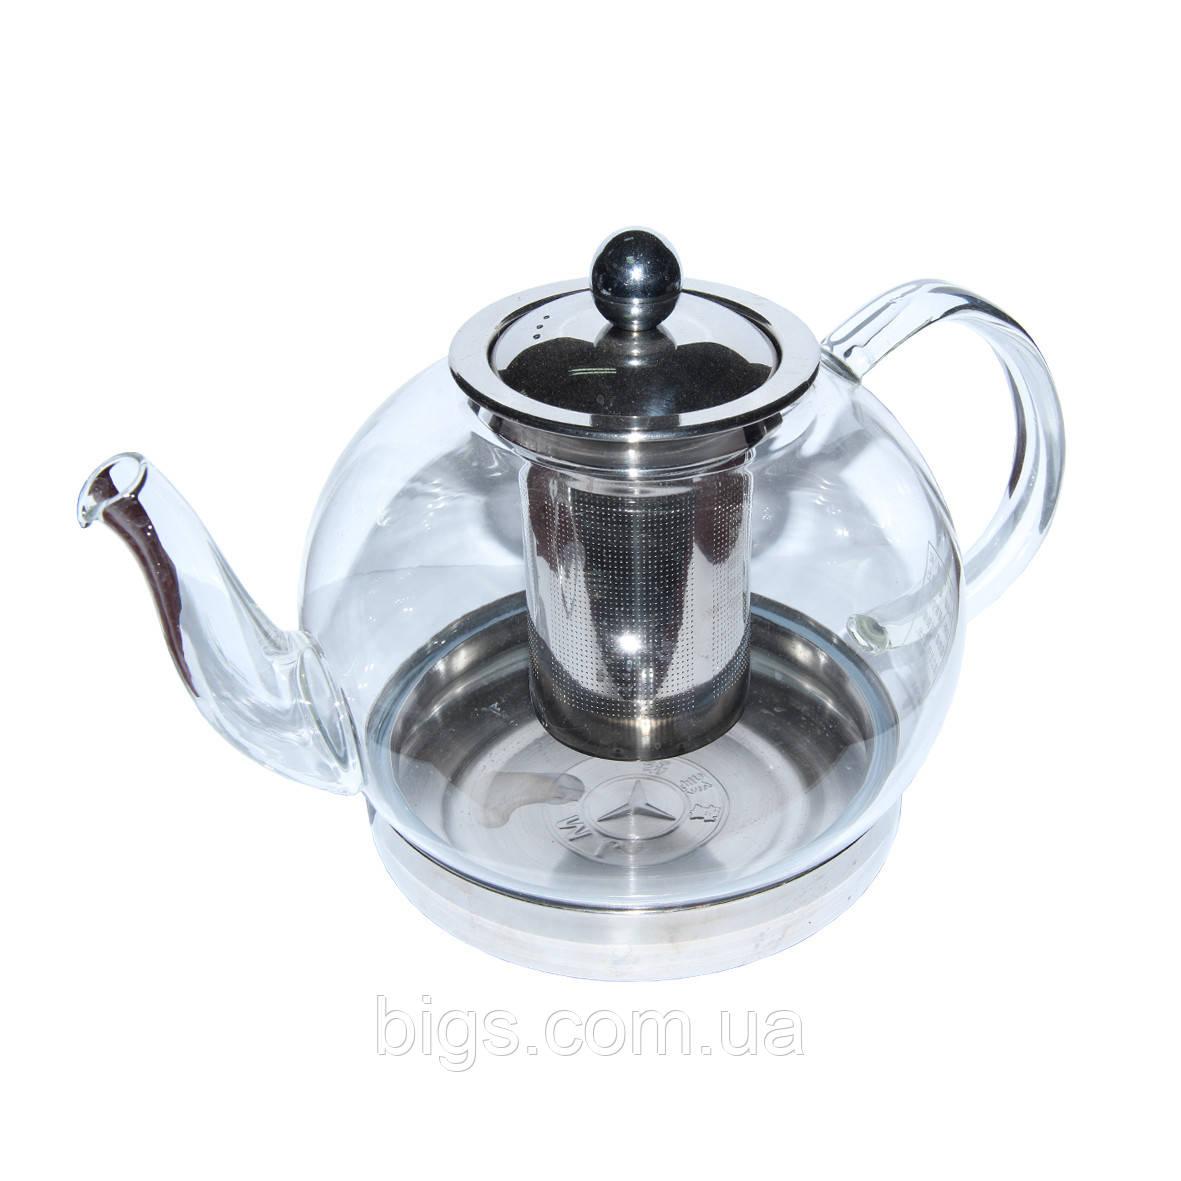 Чайник стеклянный с металлическим ситом Индукция 1300 мл ( заварник )